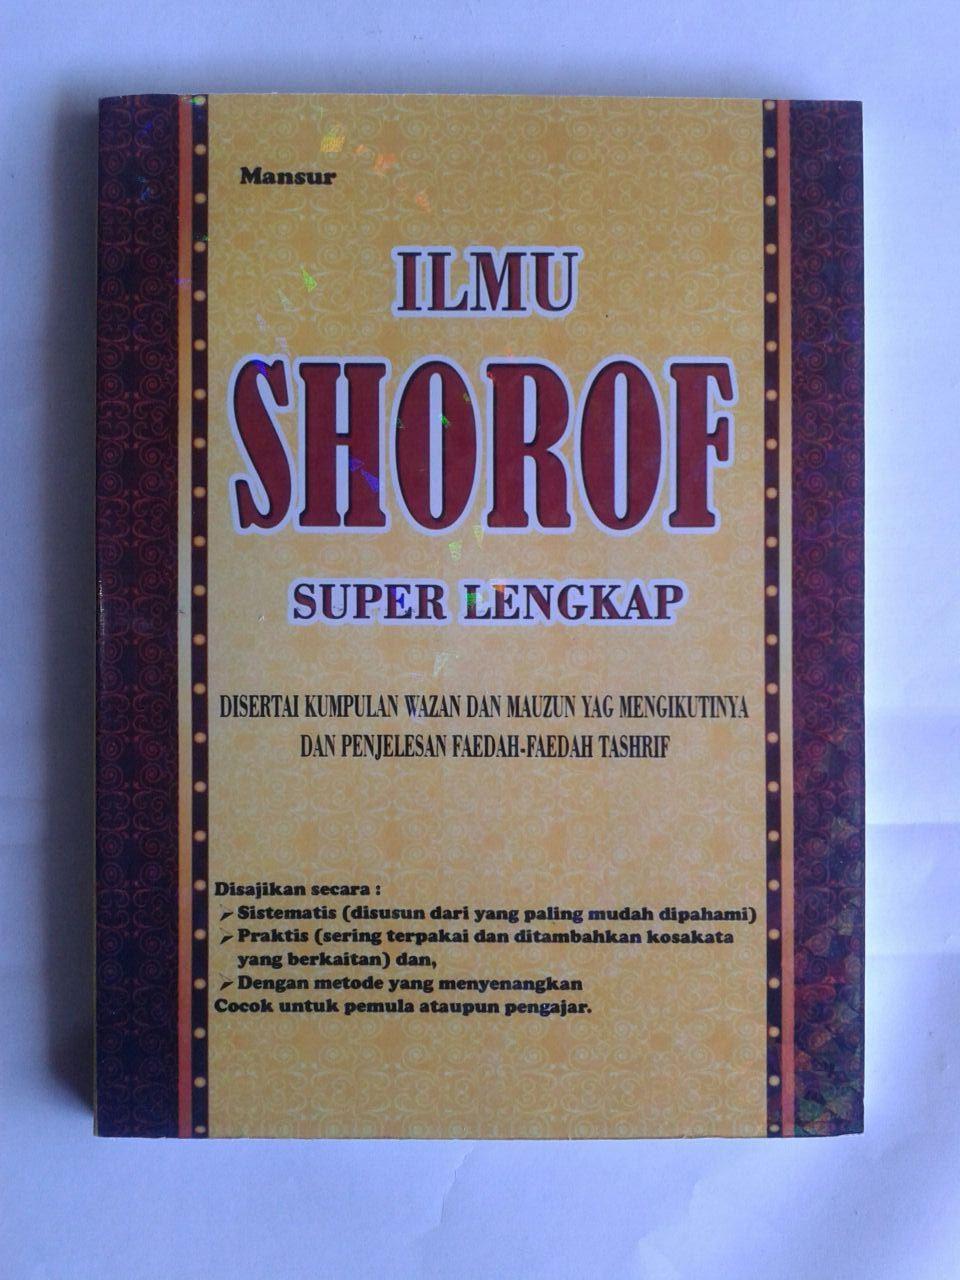 Buku Ilmu Shorof Super Lengkap Plus Faedah Tashrif cover 2